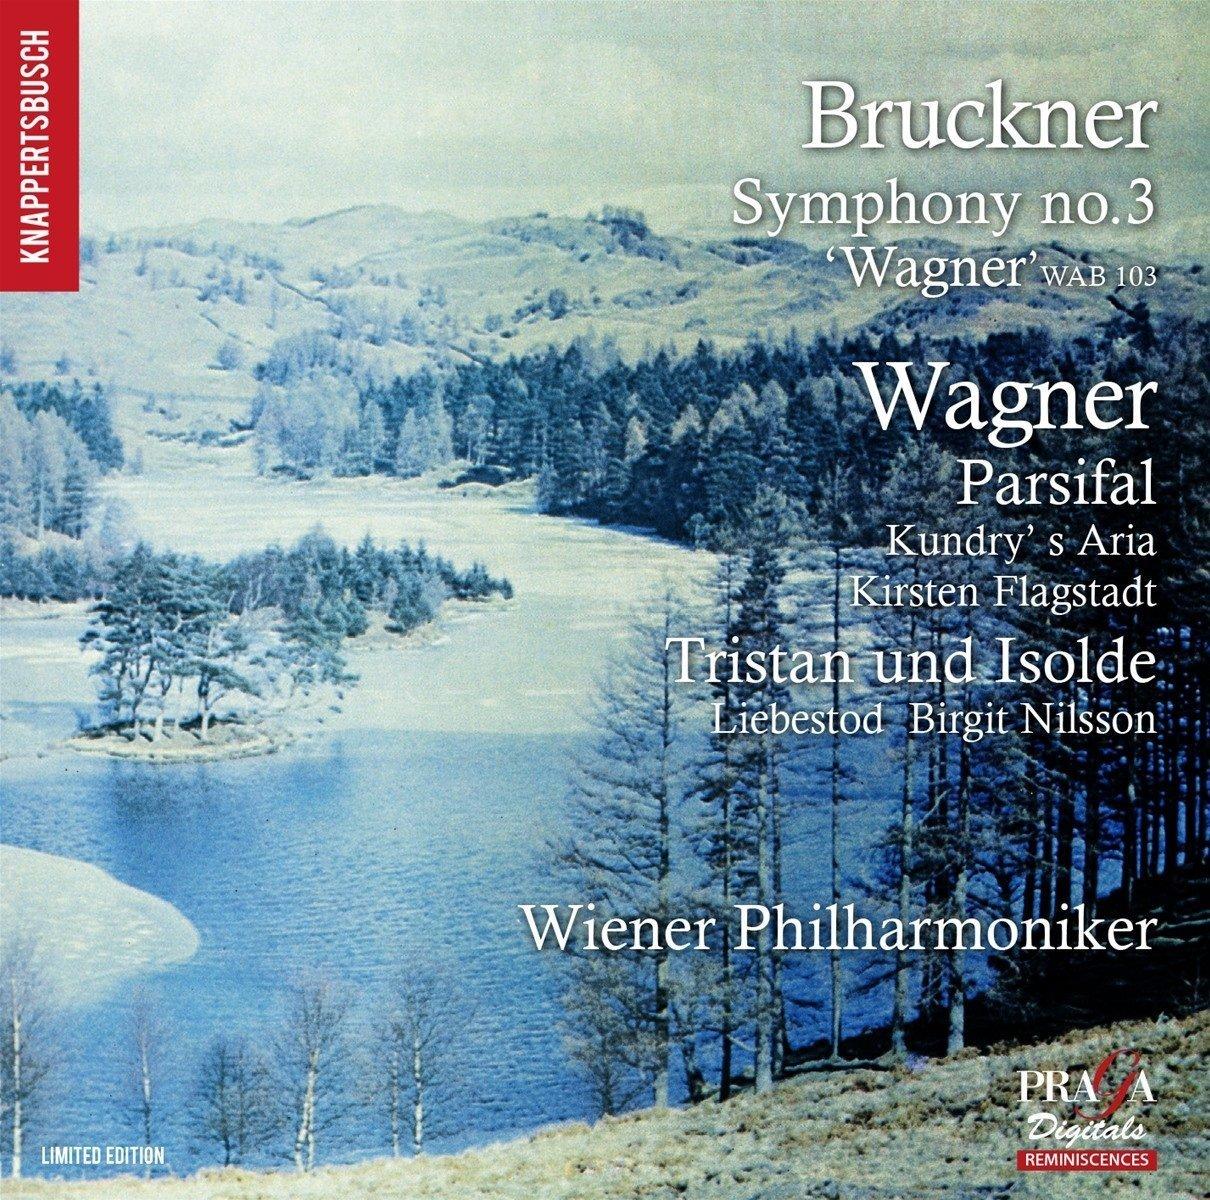 SACD : Birgit Nilsson - Kirsten Flagstad - Vienna Philharmonic Orchestra - Hans Knappertsbusch - Bruckner: Symphony No. 3 (SACD)